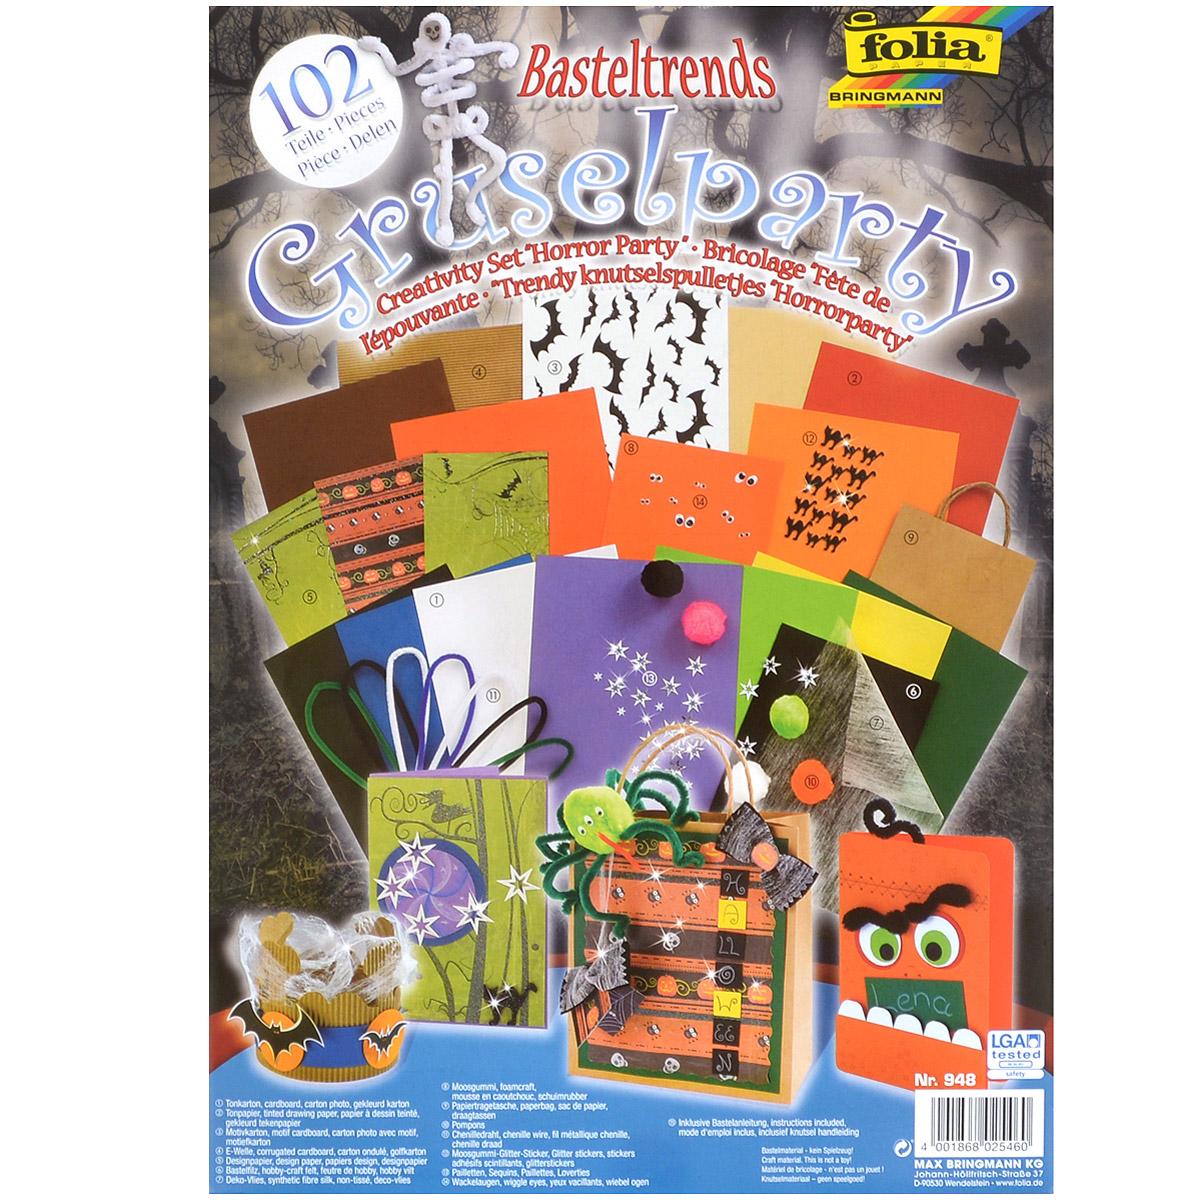 Набор для творчества Folia Вечеринка, 102 предмета7708142Набор для творчества Folia Вечеринка позволит вашему ребенку создавать всевозможные аппликации и поделки. В набор входит: - 1 лист дизайнерского картона (25 см х 35 см); - 6 листов цветного картона (25 см х 35 см); - 6 листов цветной бумаги (25 см х 35 см); - 1 лист гофрокартона (25 см х 35 см); - 3 листа дизайнерской бумаги с аппликацией (15 см х 30 см); - 1 лист черного фетра (20 см х 30,5 см); - 1 лист бумаги-паутины (23,5 см х 33 см); - 1 лист пенистой бумаги (20 см х 29 см); - 1 бумажная сумочка (18 см х 7,8 см х 21 см); - 5 помпонов разных цветов; - 7 проволочек шенила (4 цвета); - 15 наклеек; - 7 пар глазков; - 47 декоративные звездочки; - схема поделок. Работа с набором для творчества Folia Вечеринка развивает мелкую моторику, усидчивость, внимание, фантазию и творческие способности. С таким богатым материалом ваш ребенок сможет заниматься творчеством круглый год!